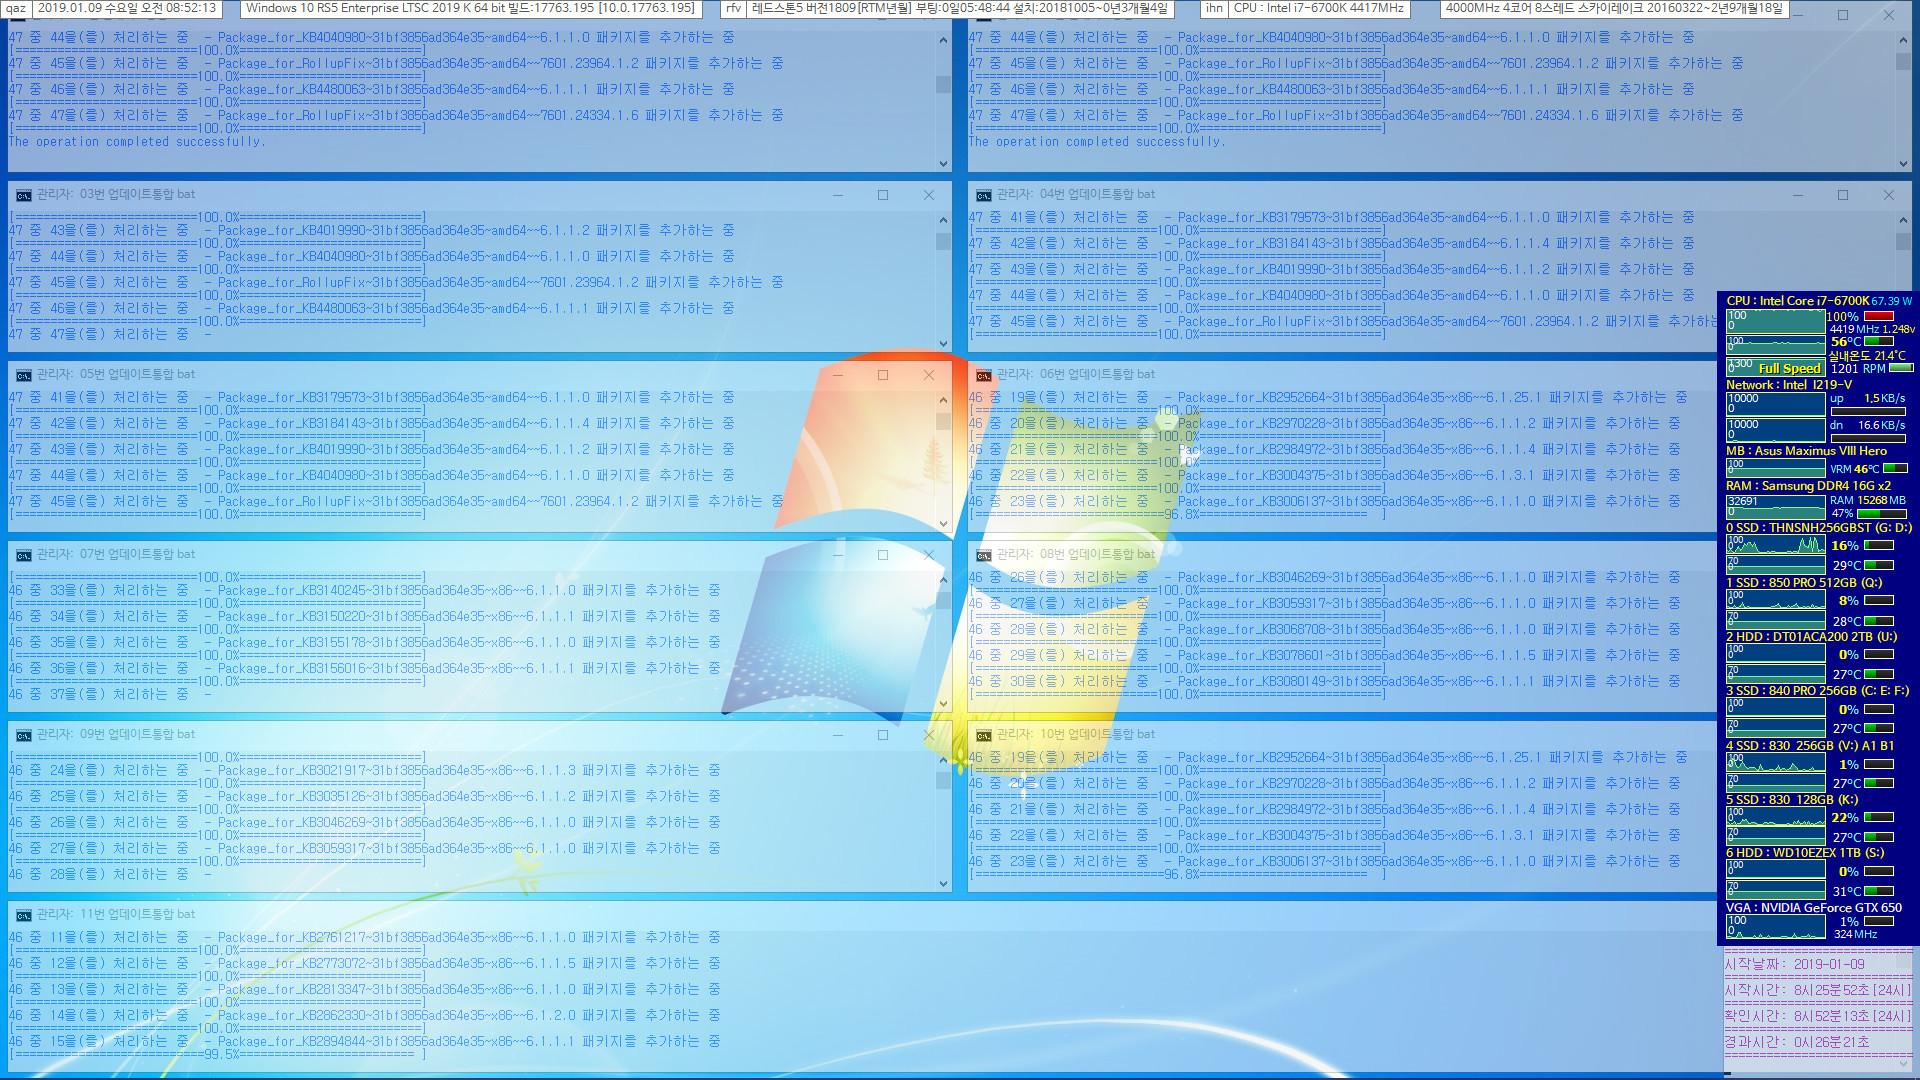 2019년 1월 9일 정기 업데이트 나왔네요 - Windows 7 롤업 업데이트 KB4480970 (OS 빌드 7601.24334) IE11 통합중 입니다 2019-01-09_085213.jpg